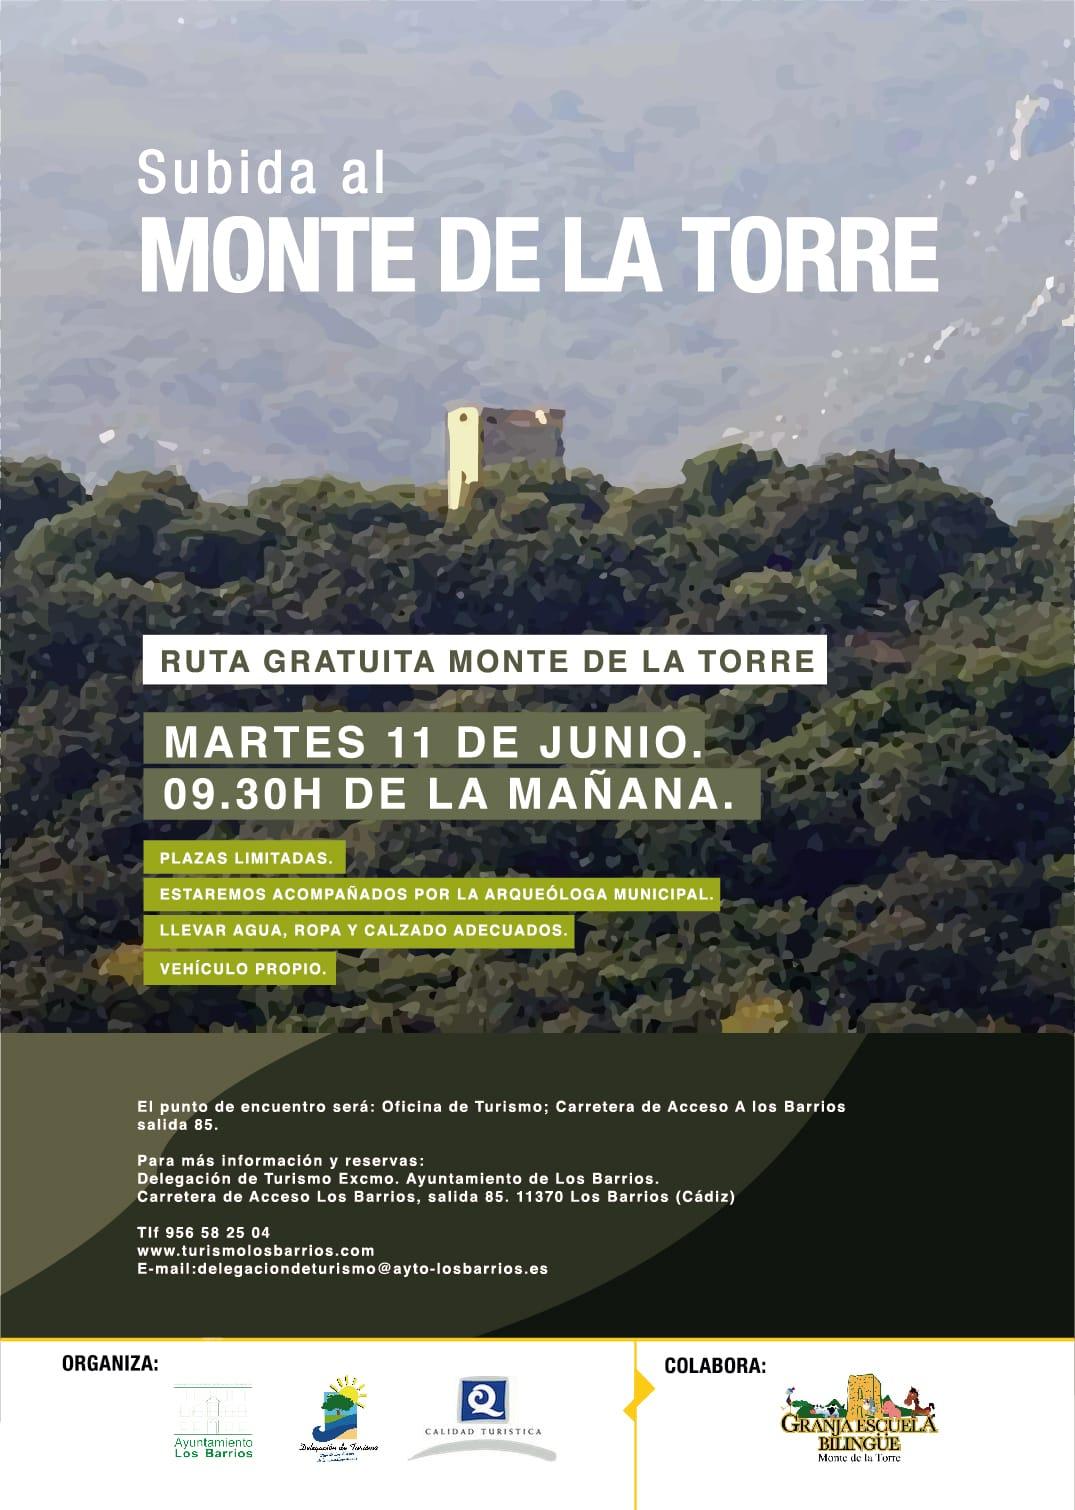 Ruta gratuita Monte de La Torre